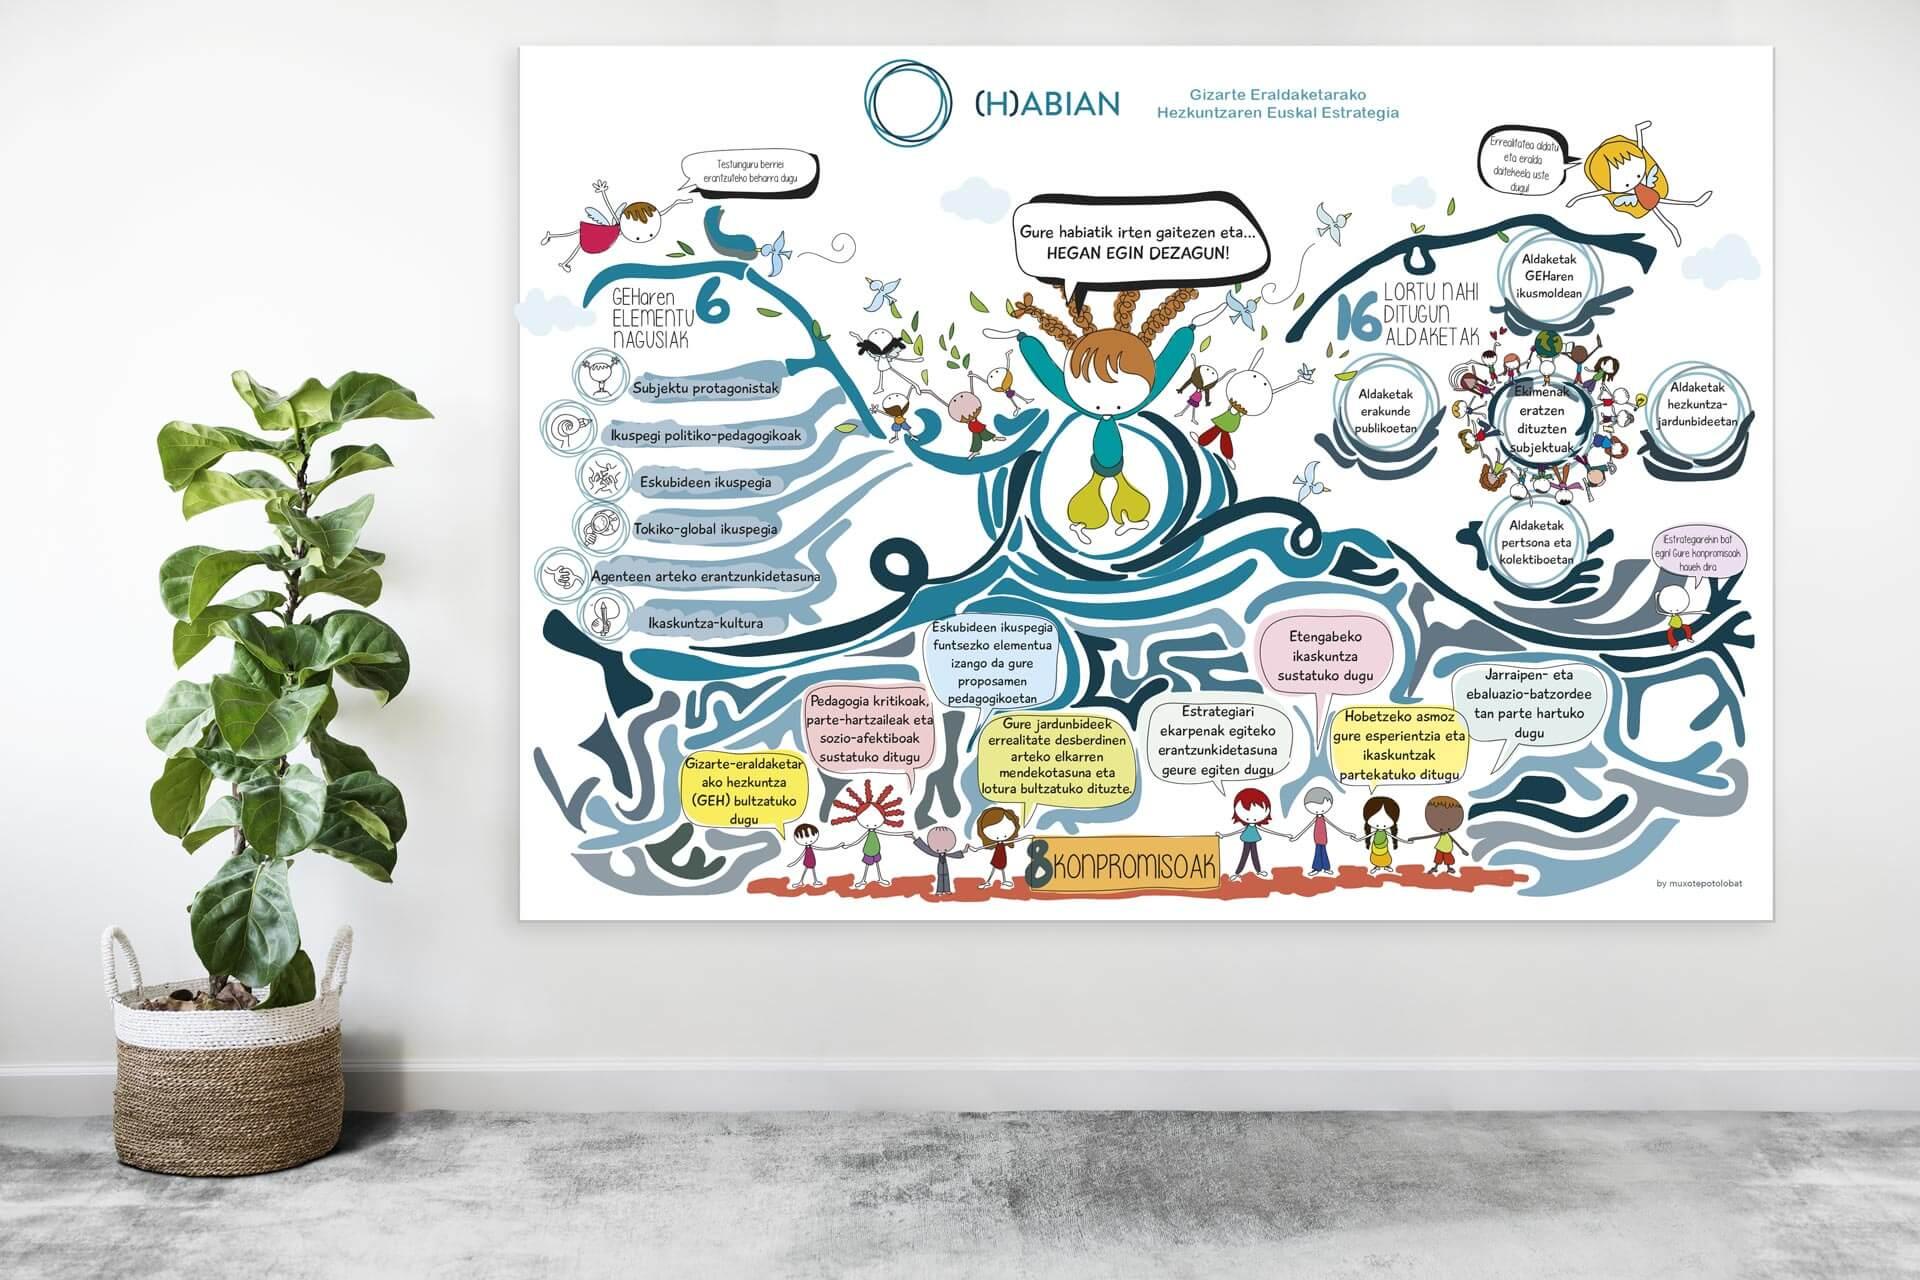 Consultoría Estratégica y Facilitación Visual –  Agencia Vasca de Cooperación para el Desarrollo